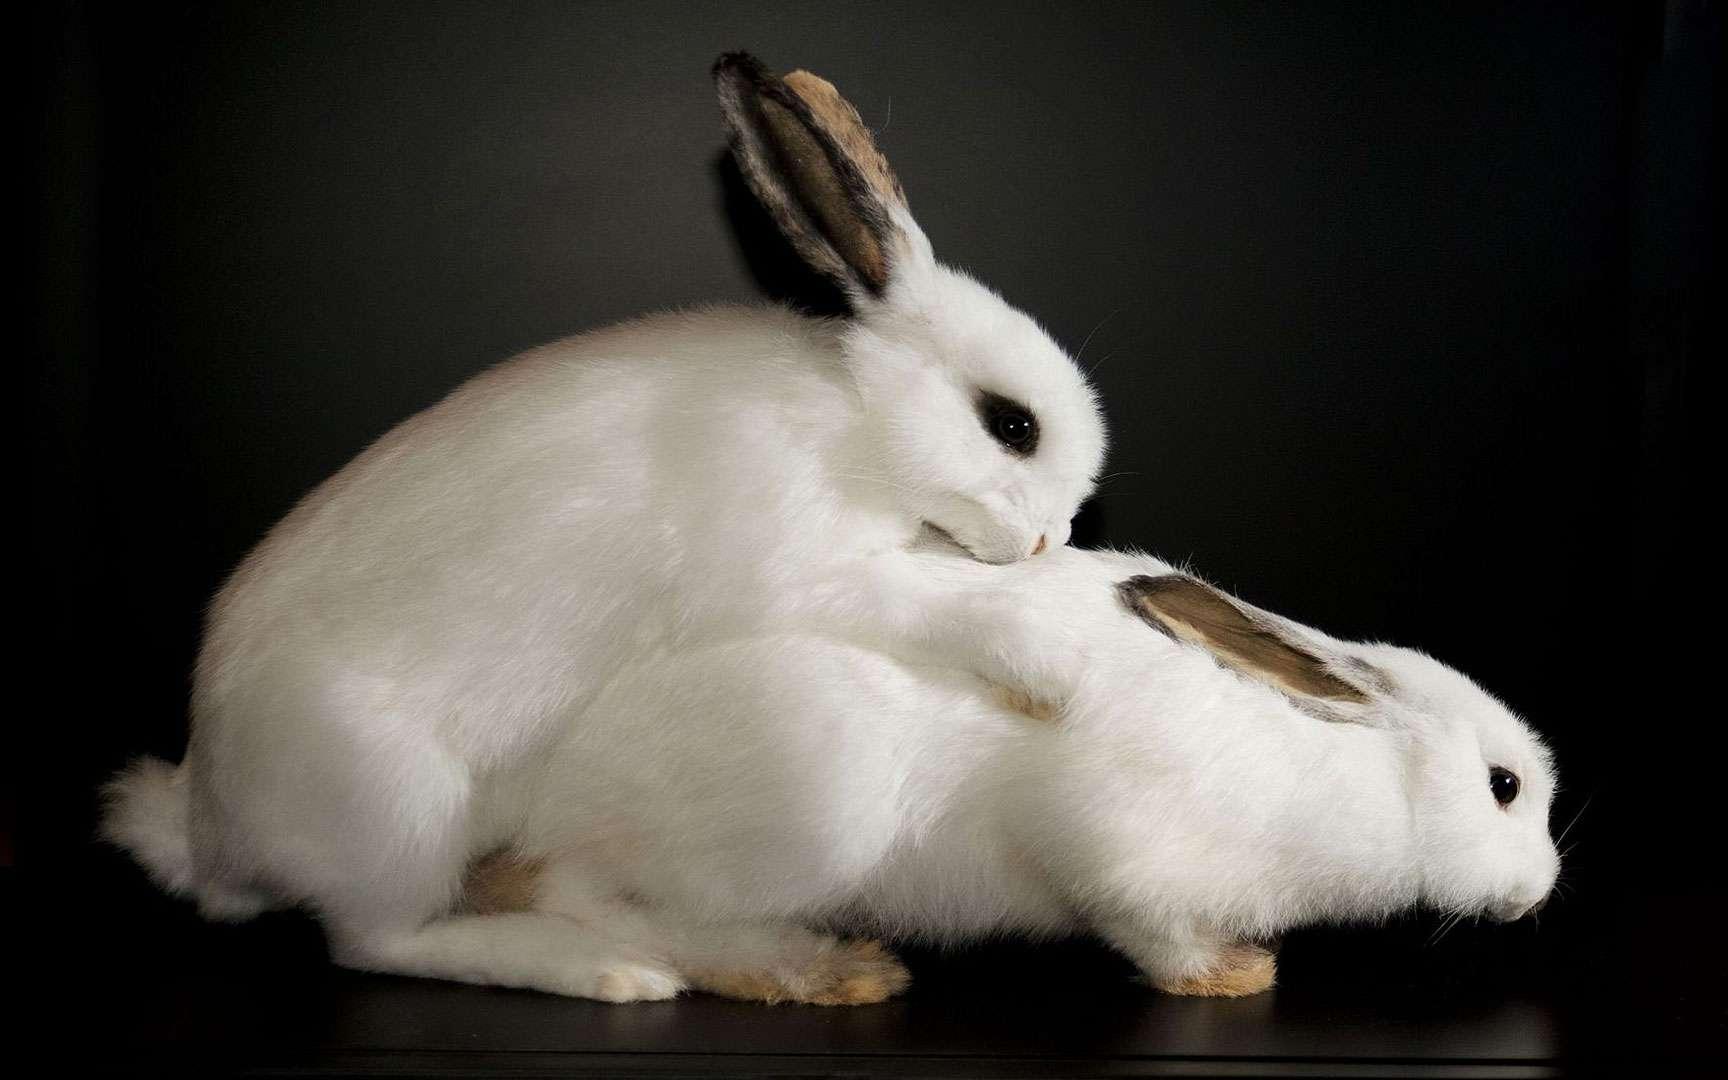 La reproduction des lapins. Les pratiques sexuelles et la reproduction des lapins sont entrées dans le langage courant. On dit, par exemple, « faire l'amour comme des lapins ». Cela n'a rien d'étonnant puisque les mâles sont littéralement obsédés et, selon l'expression consacrée, « sautent sur tout ce qui bouge ». N'en déplaise à notre moralité, la mère et les sœurs figurent parfois sur le tableau de chasse du lapin. En découlent, au bout d'un mois environ, des portées nombreuses, qui atteindront la maturité sexuelle en six mois environ. Une estimation théorique considère qu'un couple de lapins peut engendrer durant sa vie entière près de 2.000 descendants (même si tous ne survivent pas). Il faut bien jouer sur la quantité étant donné le nombre de prédateurs qui intègrent ces rongeurs aux grandes oreilles à leur menu. © Sexual Nature, London's Natural History Museum